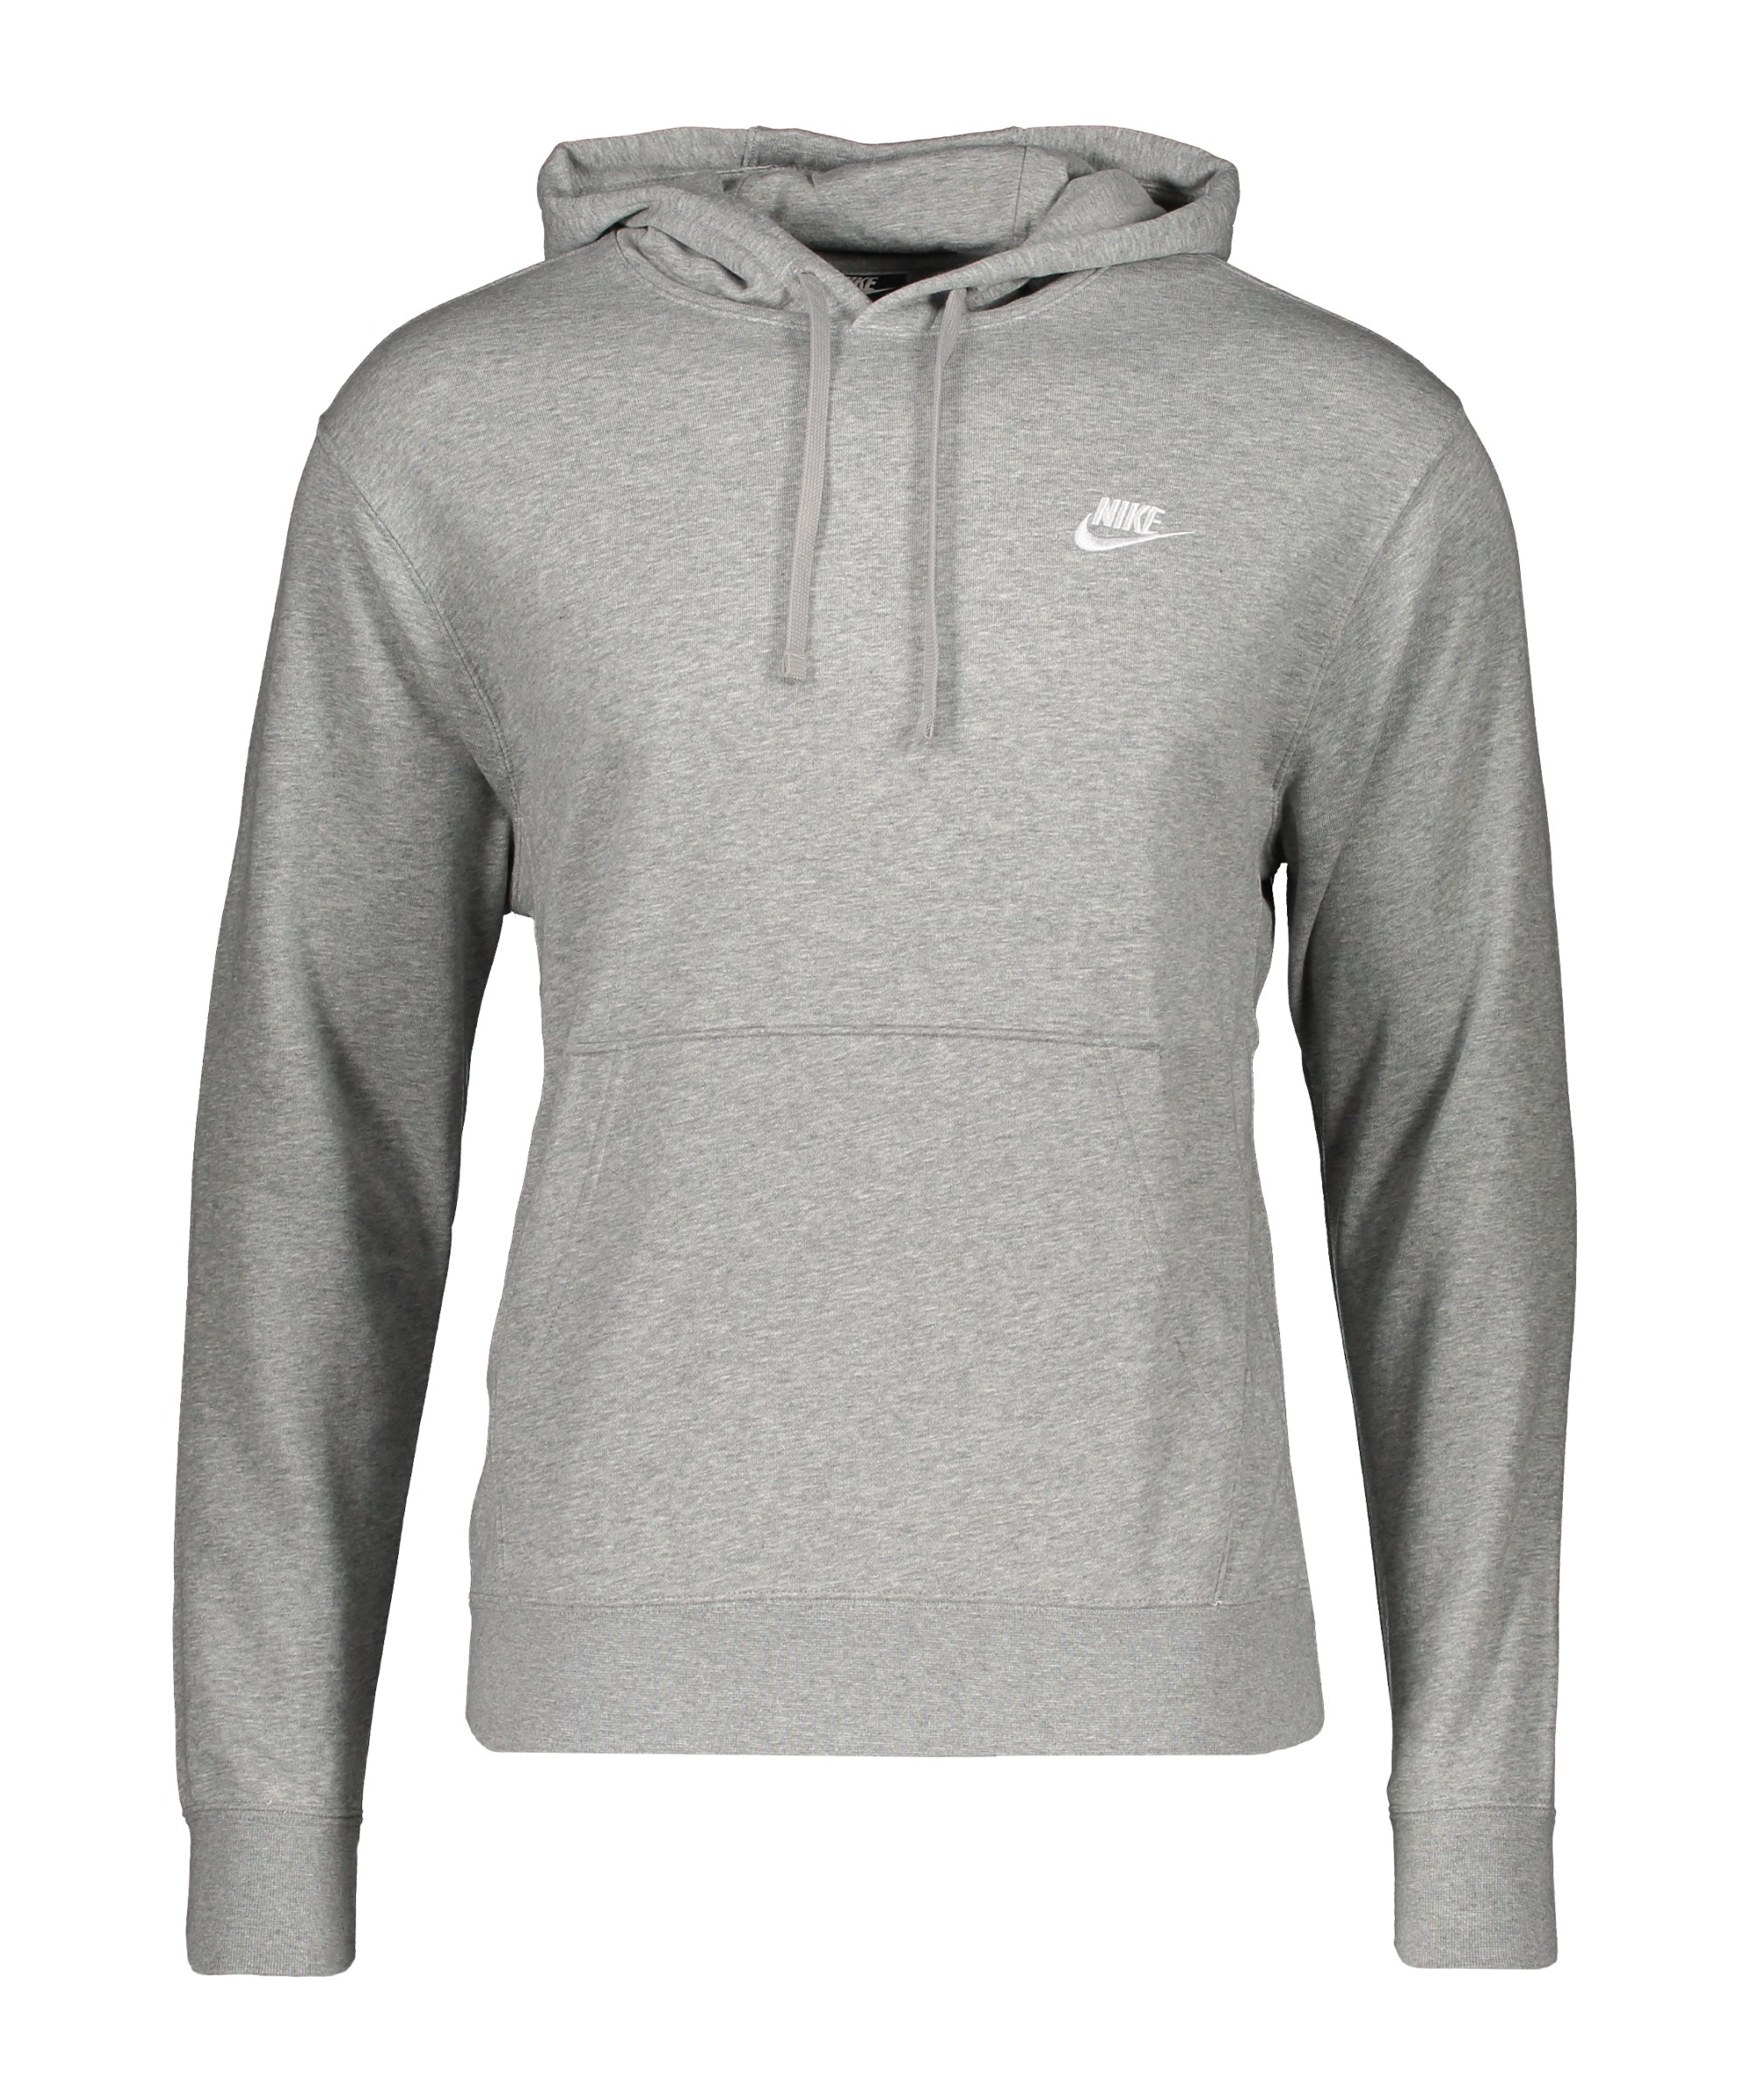 Nike Club Hoody Grau F063 - grau